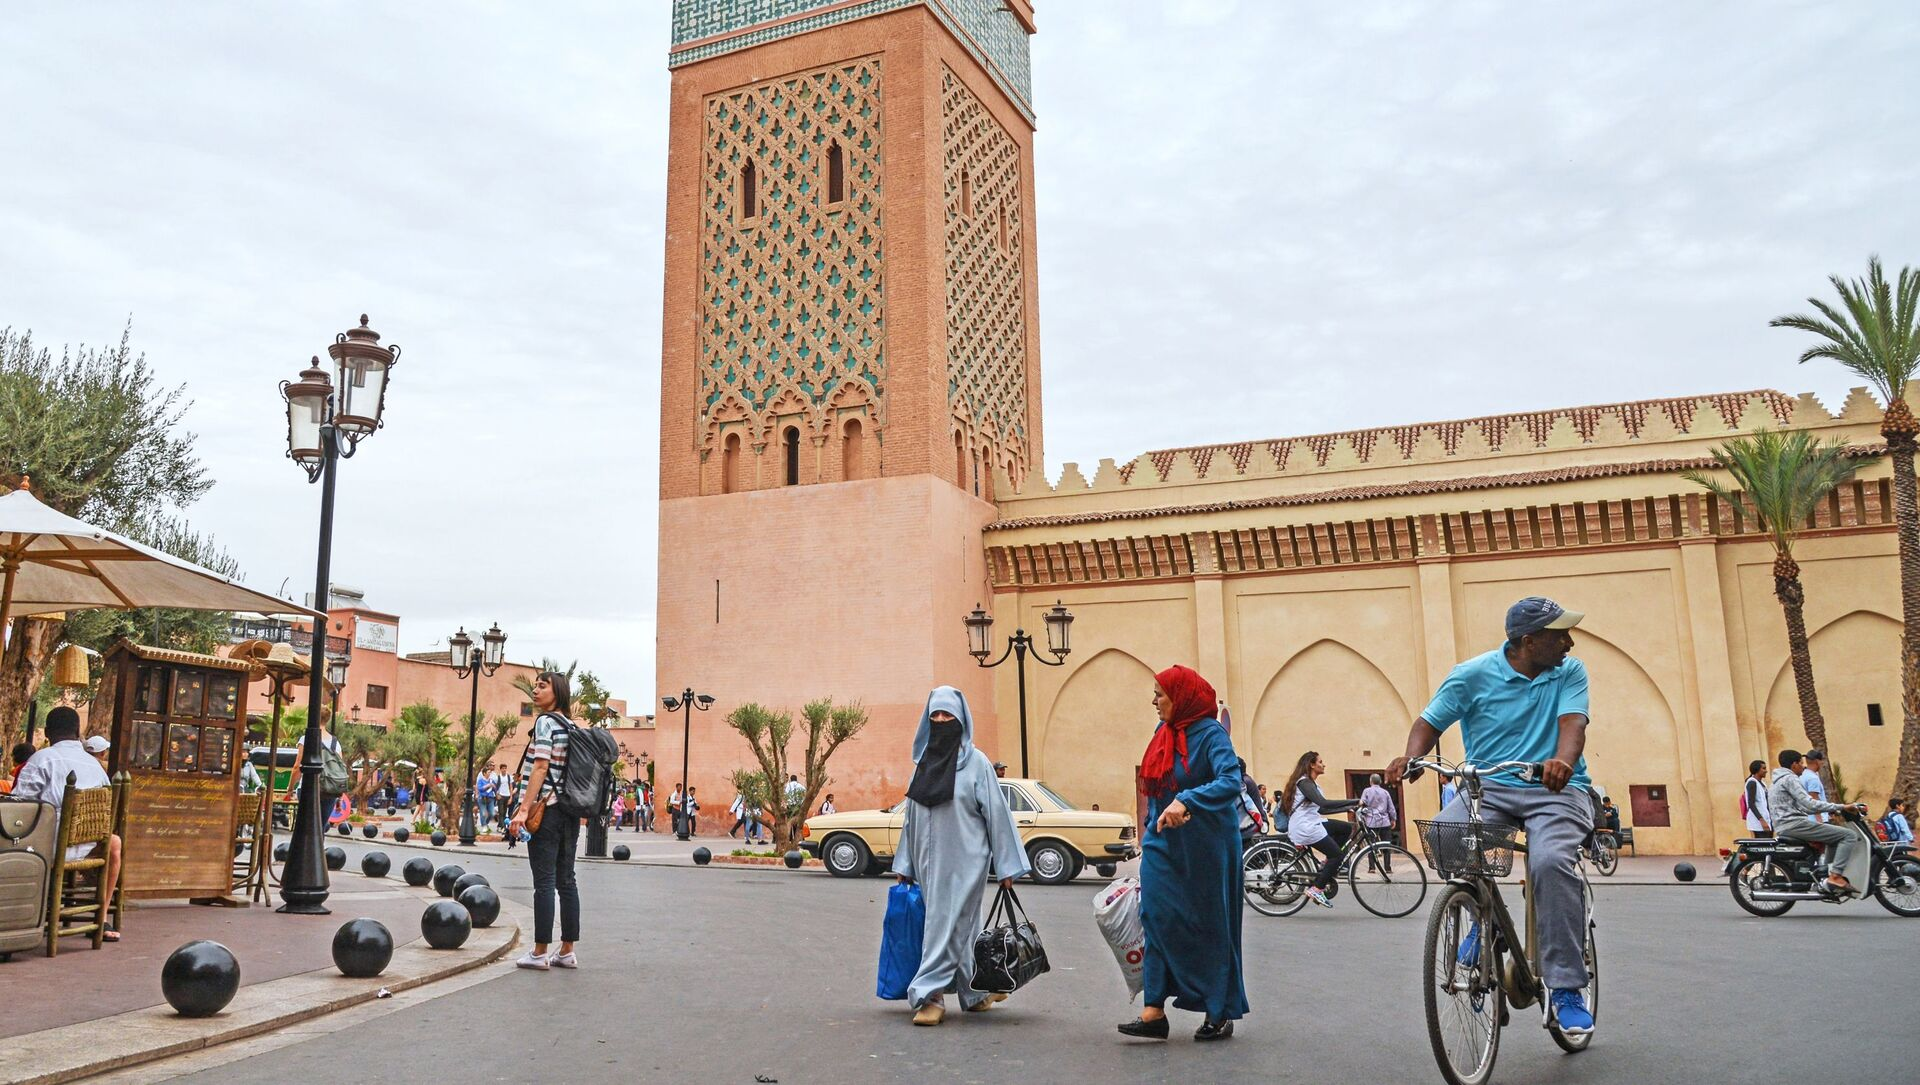 Mosquée de la Kasbah de Marrakech - Sputnik France, 1920, 25.07.2021